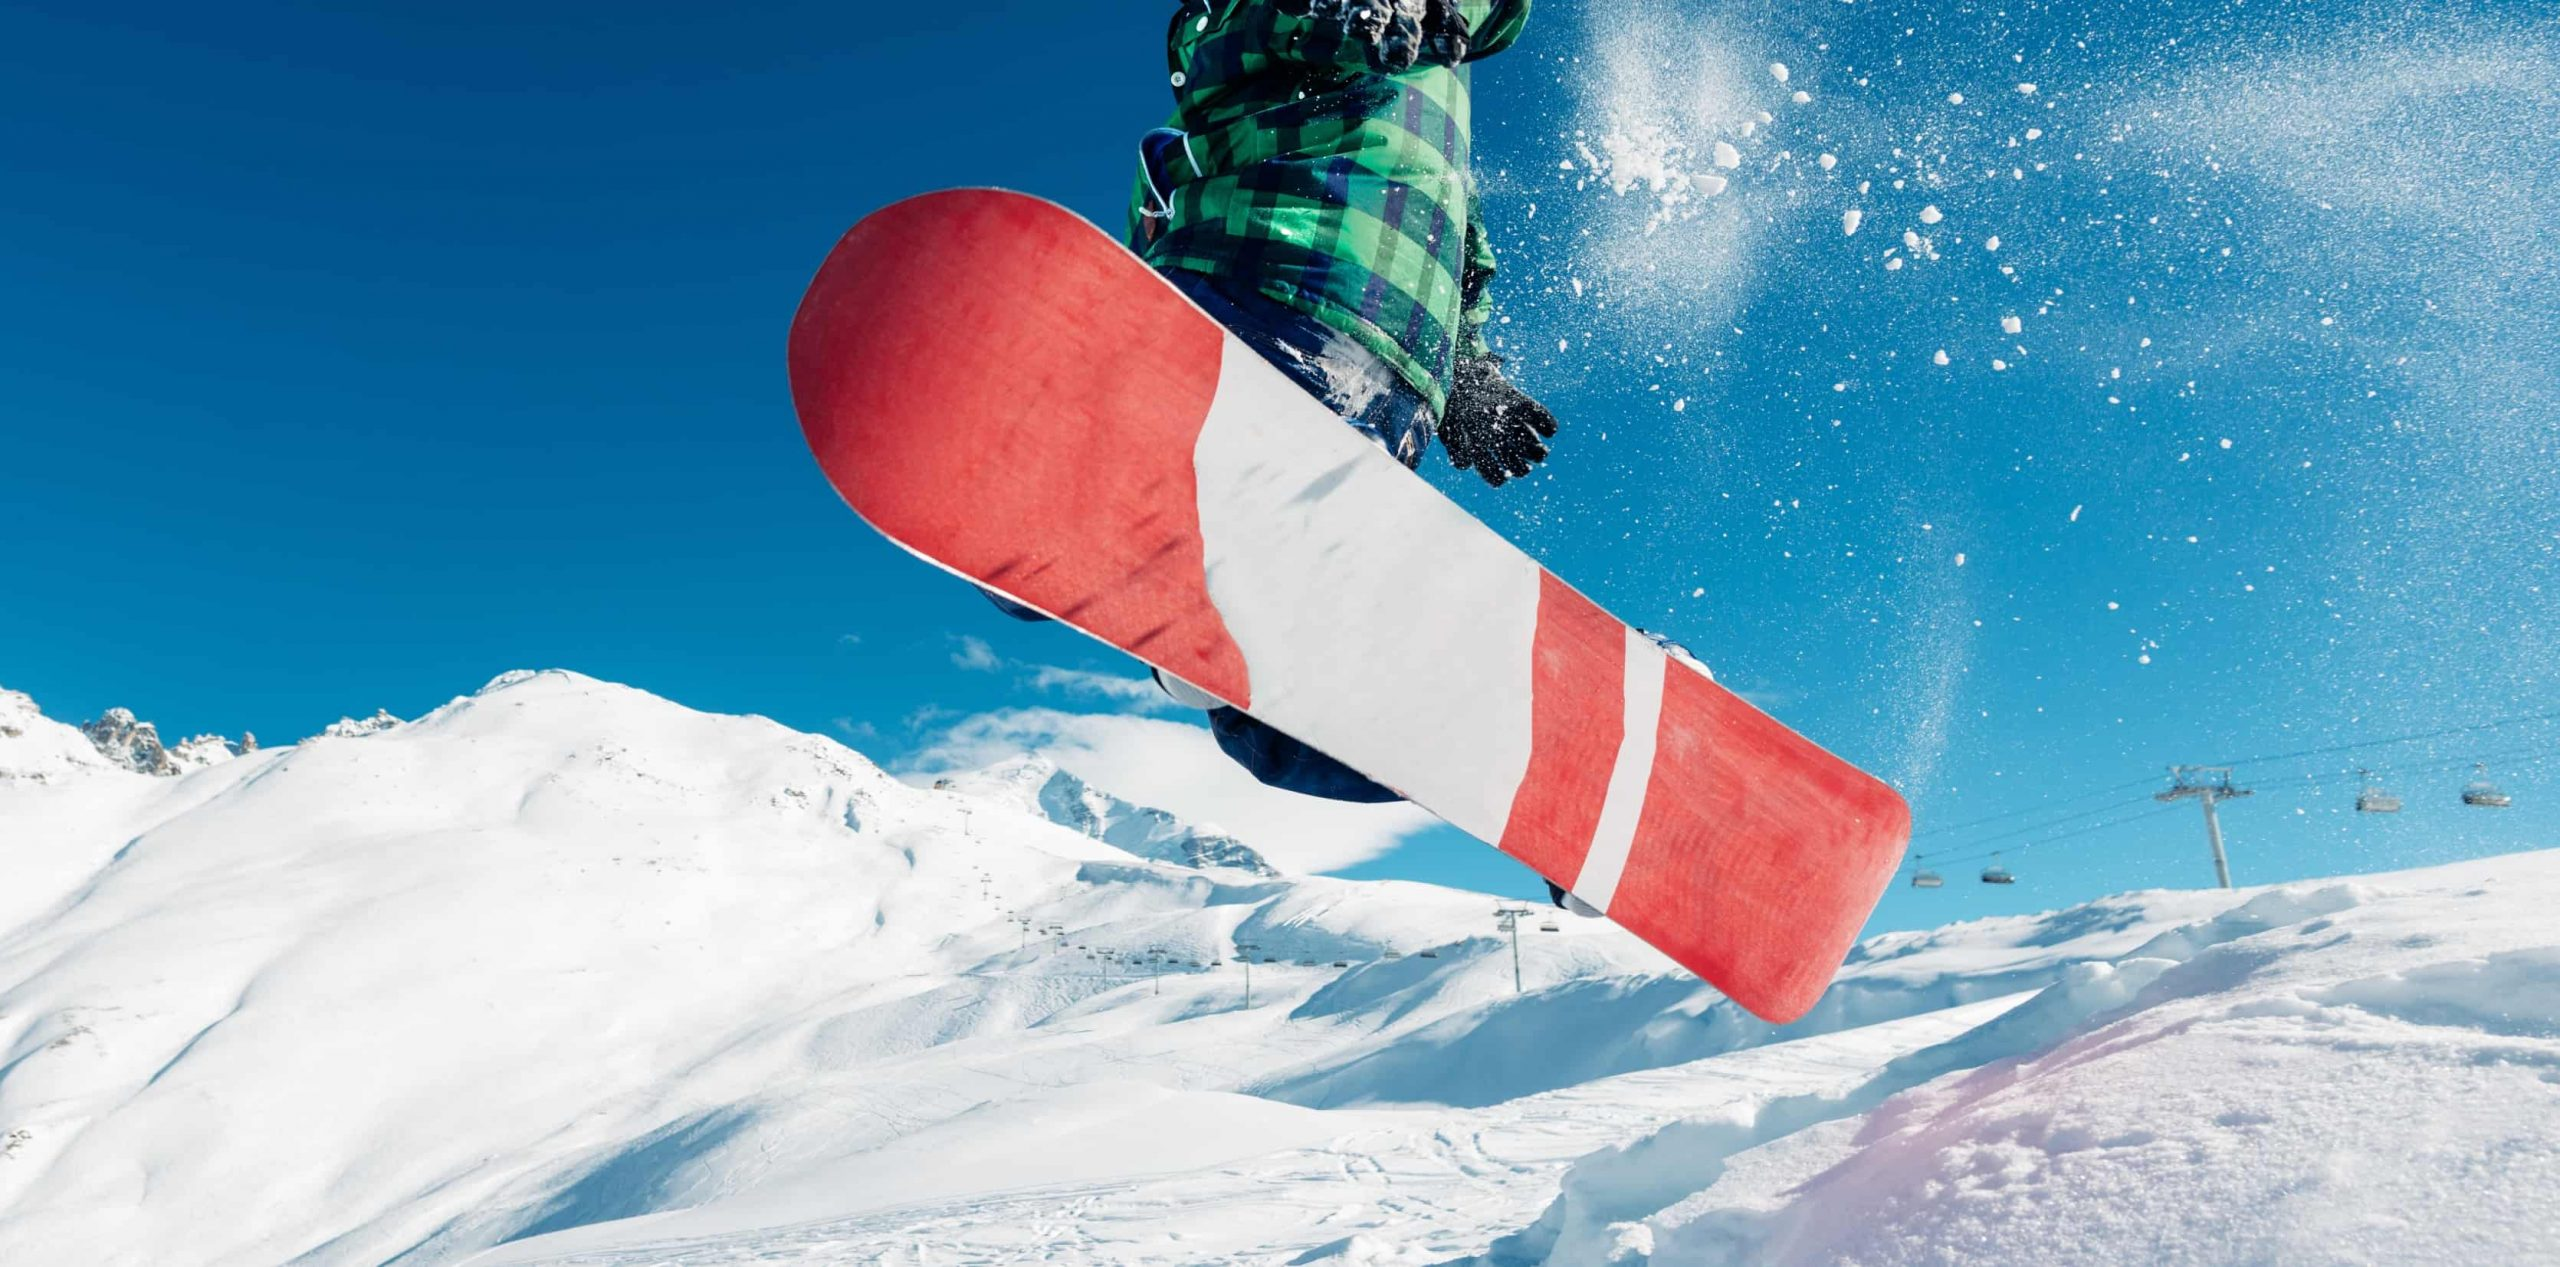 Tablas de snowboard: ¿Cuáles son las mejores del 2020?